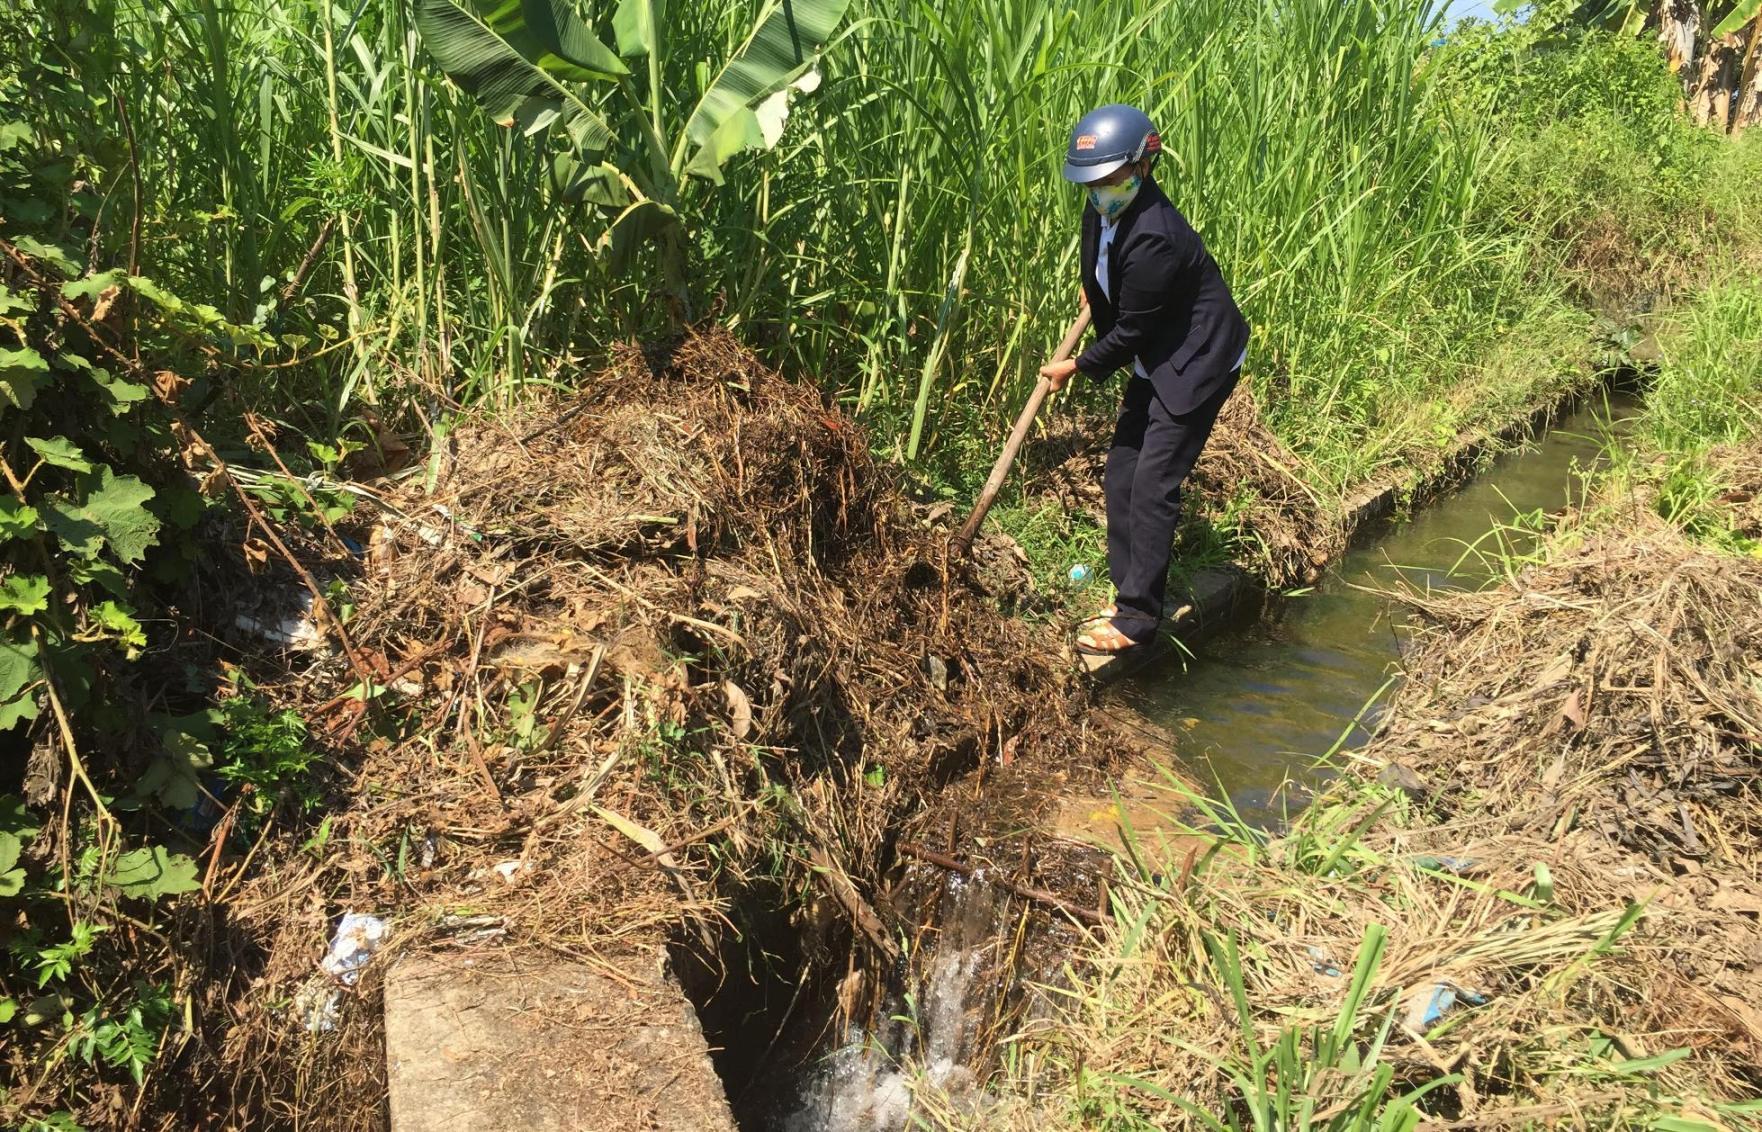 Cán bộ quản lý hồ chứa nhiều lúc phải đi vớt rác để thông kênh đưa nước xuống đồng.. Ảnh: PHAN VINH